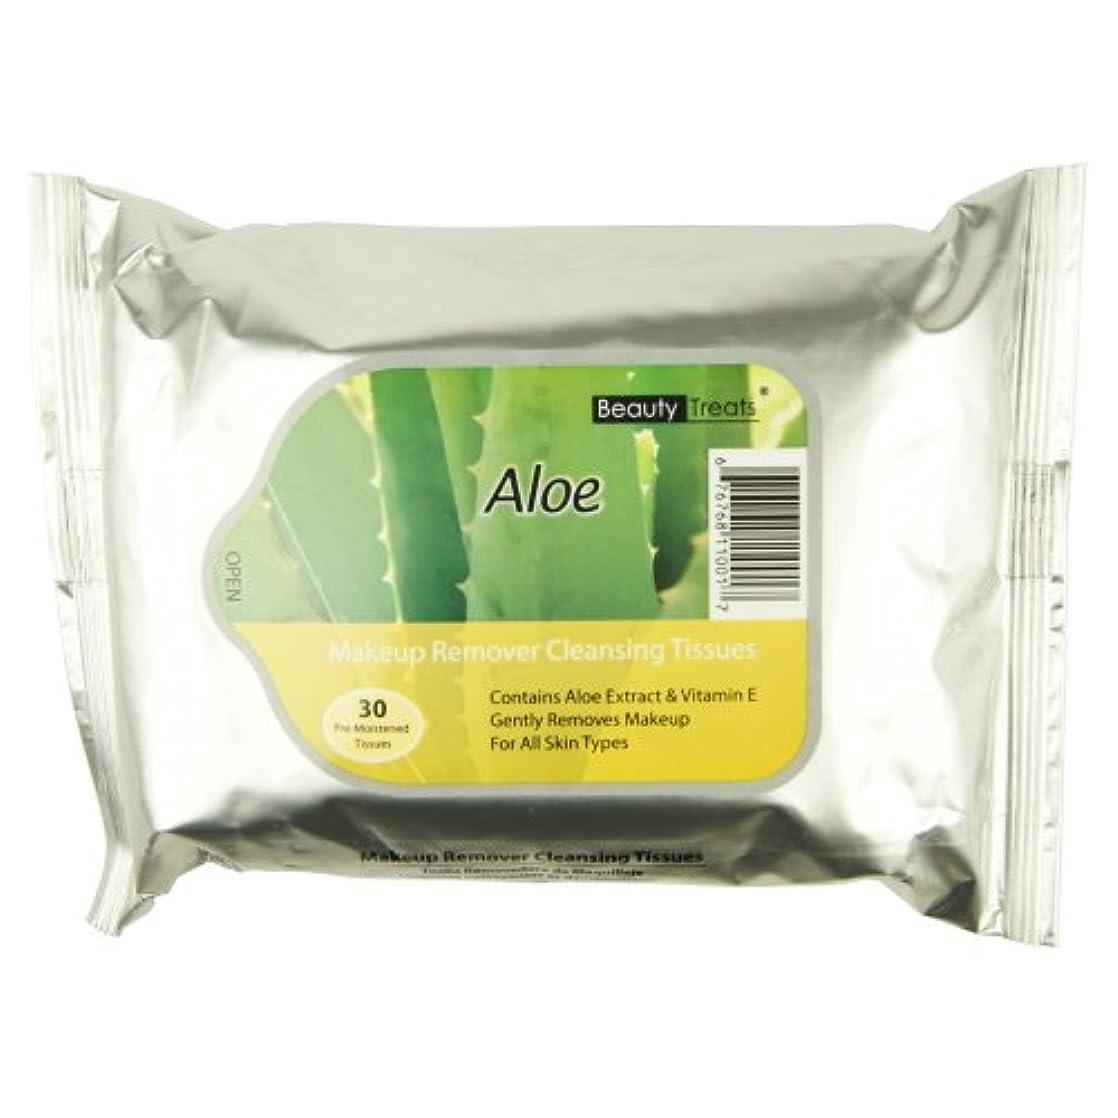 装備するみぞれ犯すBEAUTY TREATS Makeup Remover Cleansing Tissues - Aloe (並行輸入品)